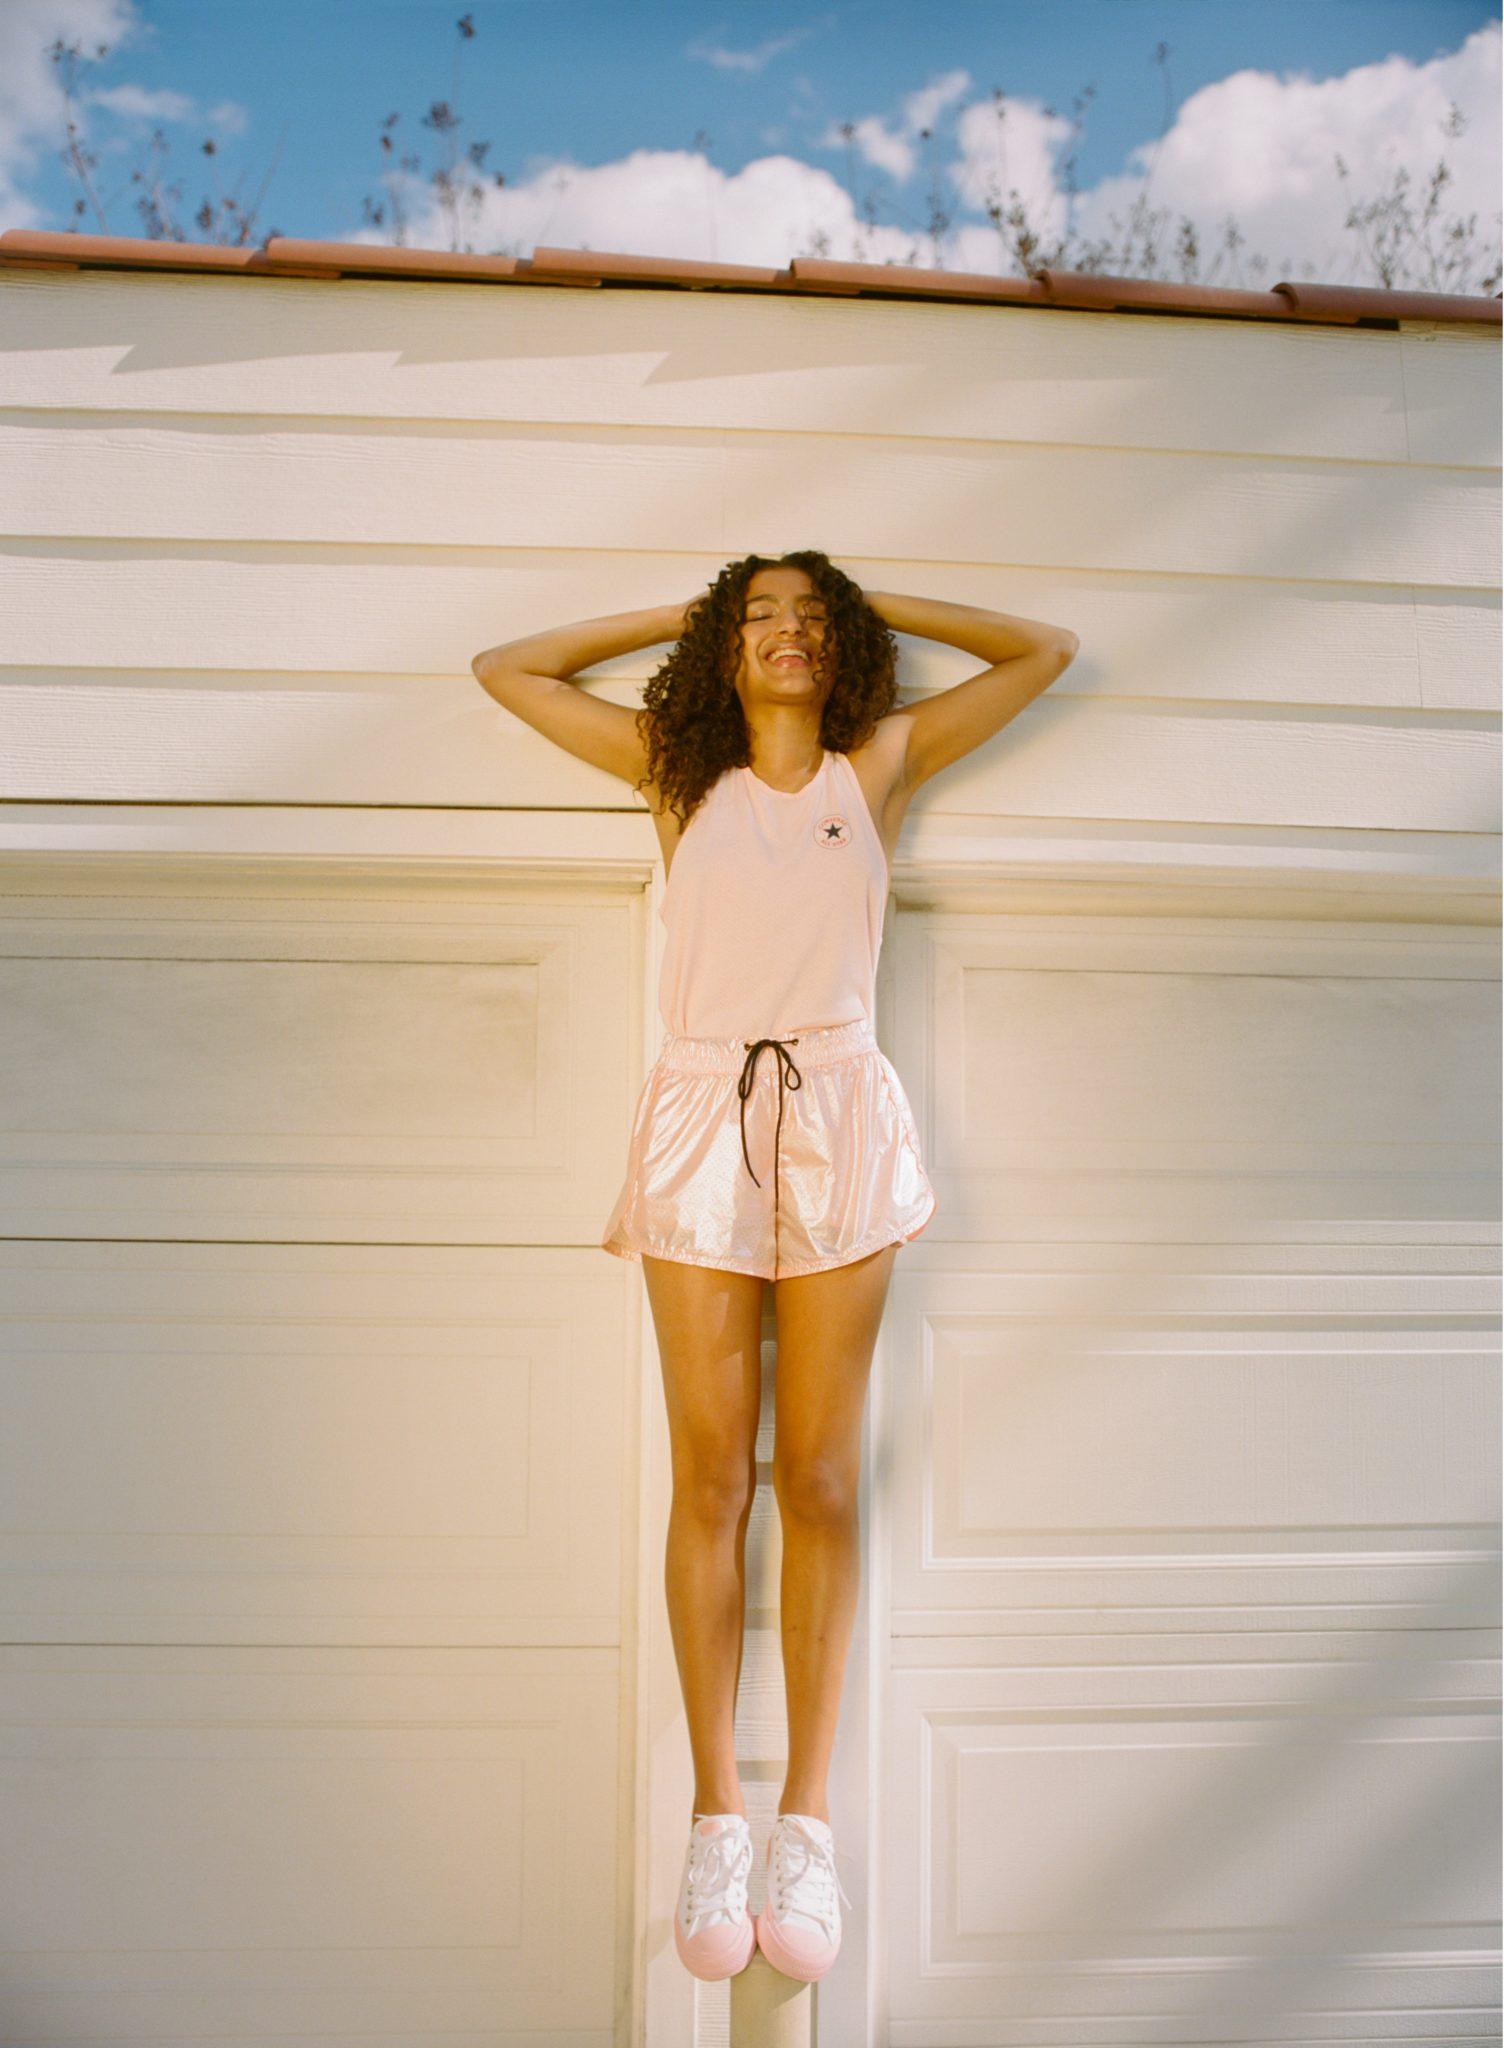 Dziewczyna ubrana w jasny kombinezon z szortami, na nogach ma trampki